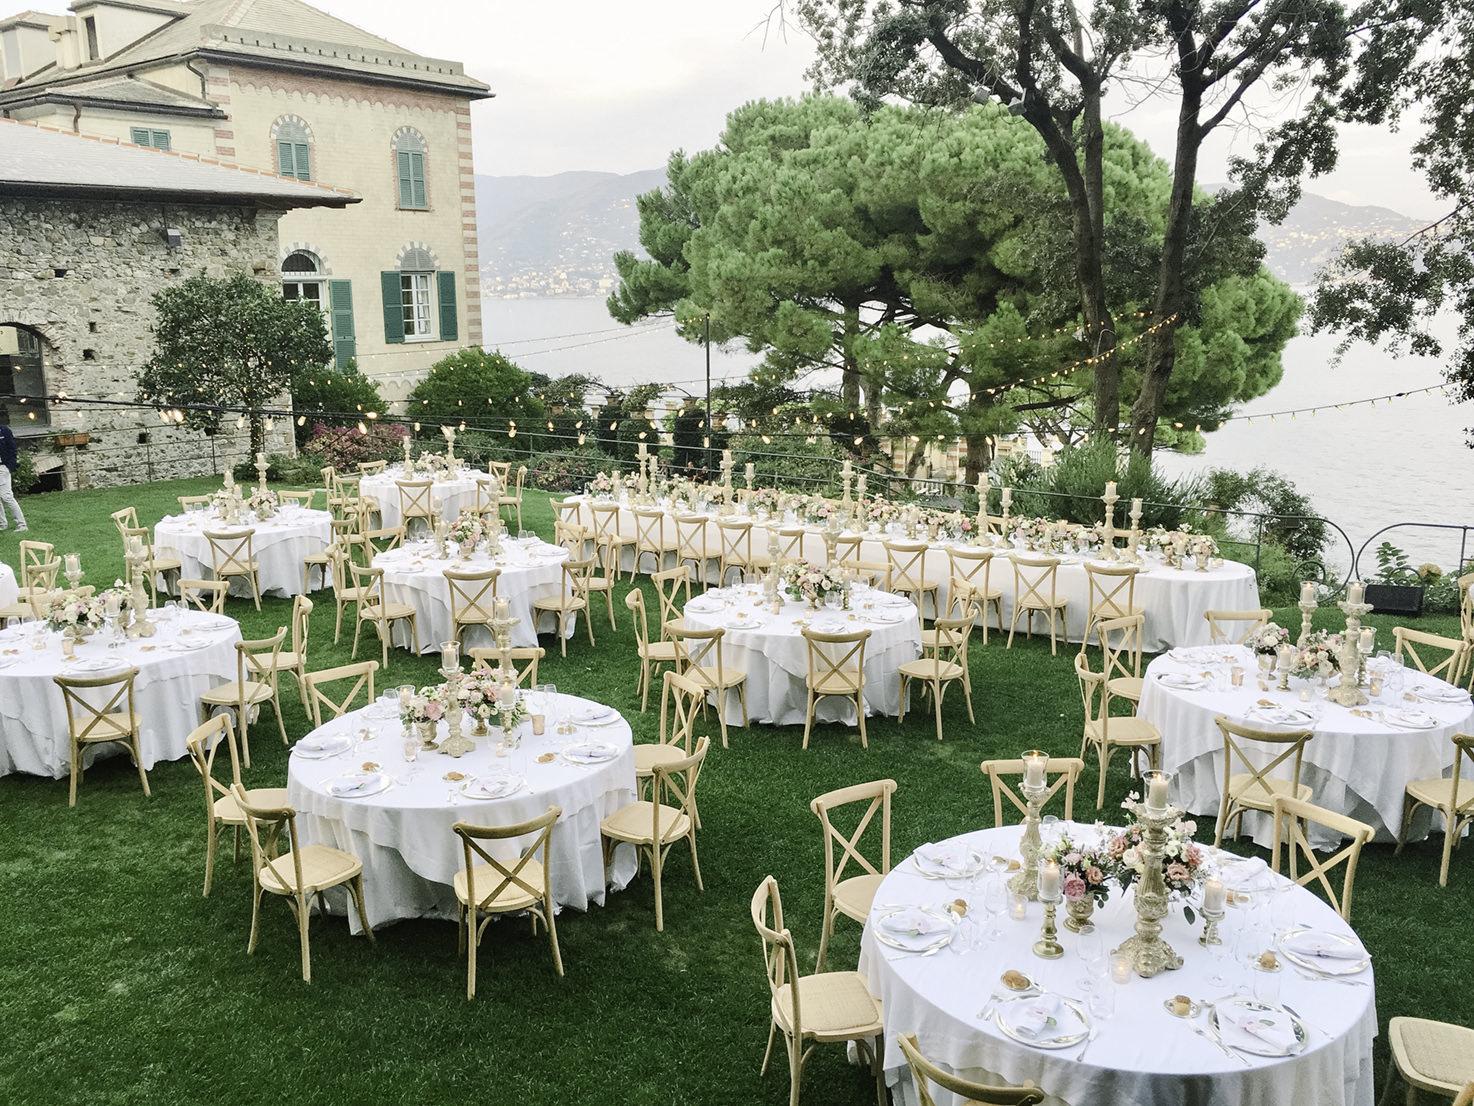 Wedding reception in the gardens of La Cervara